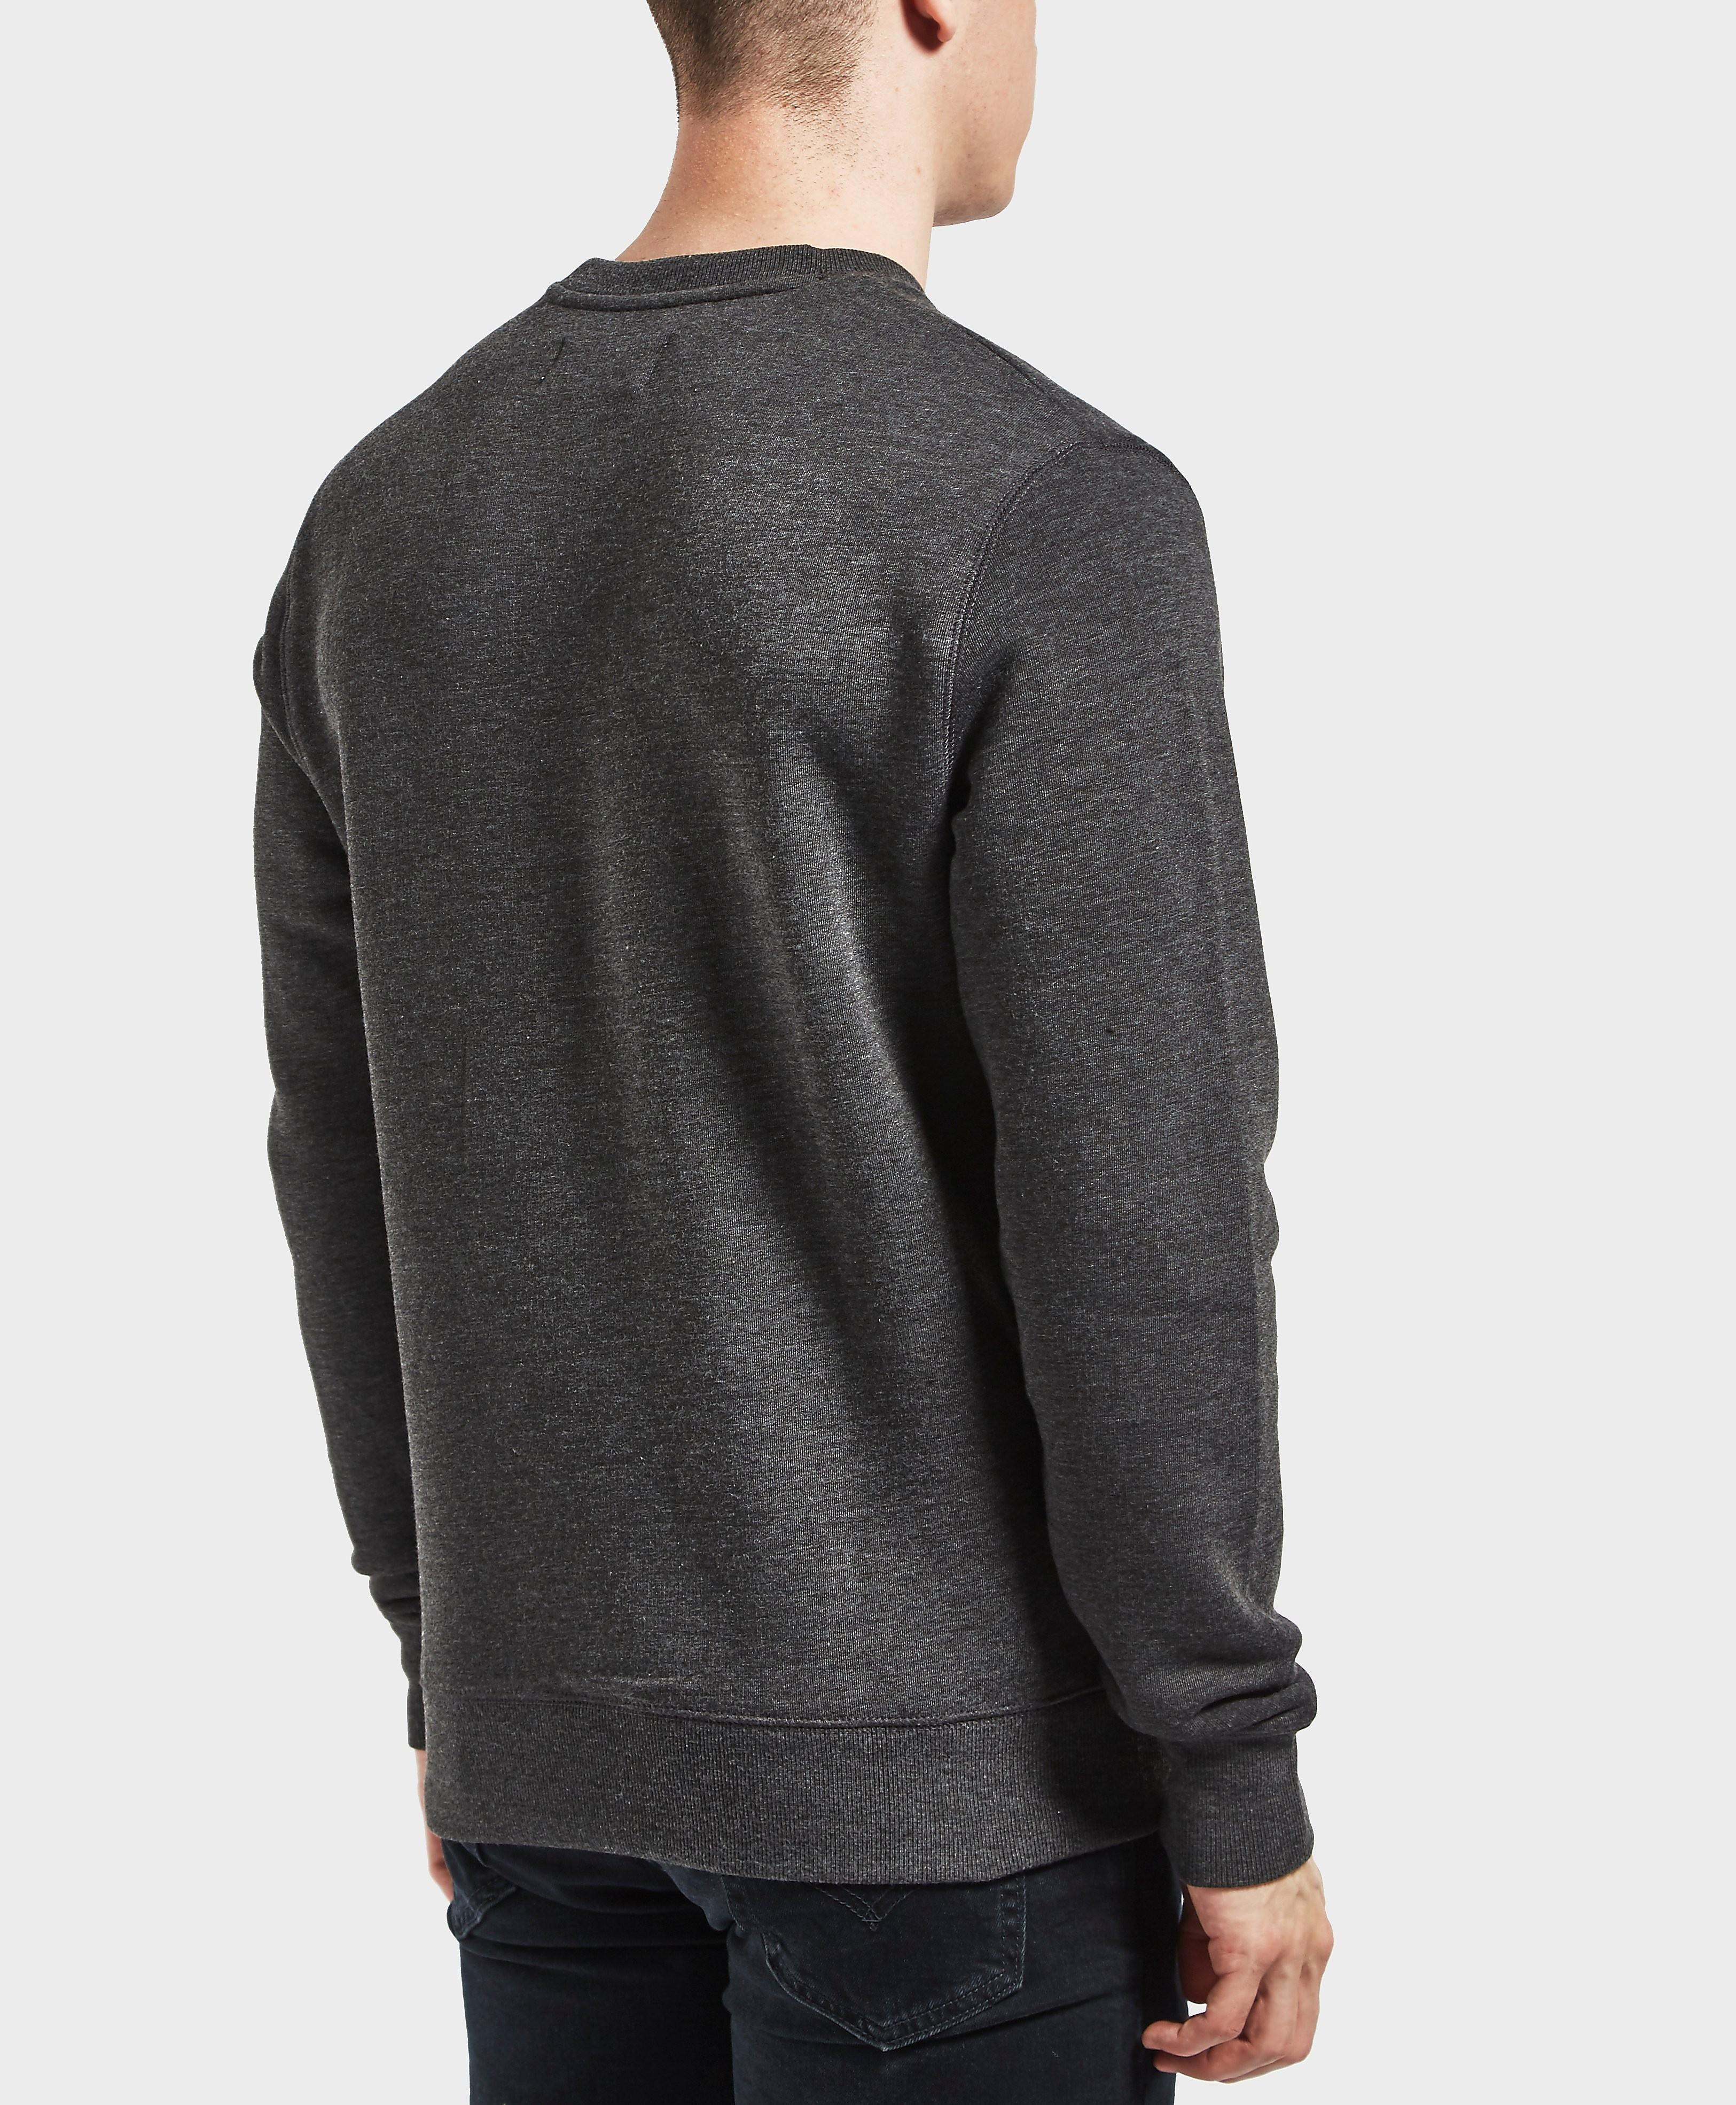 Original Penguin Crew Neck Sweatshirt - Exclusive